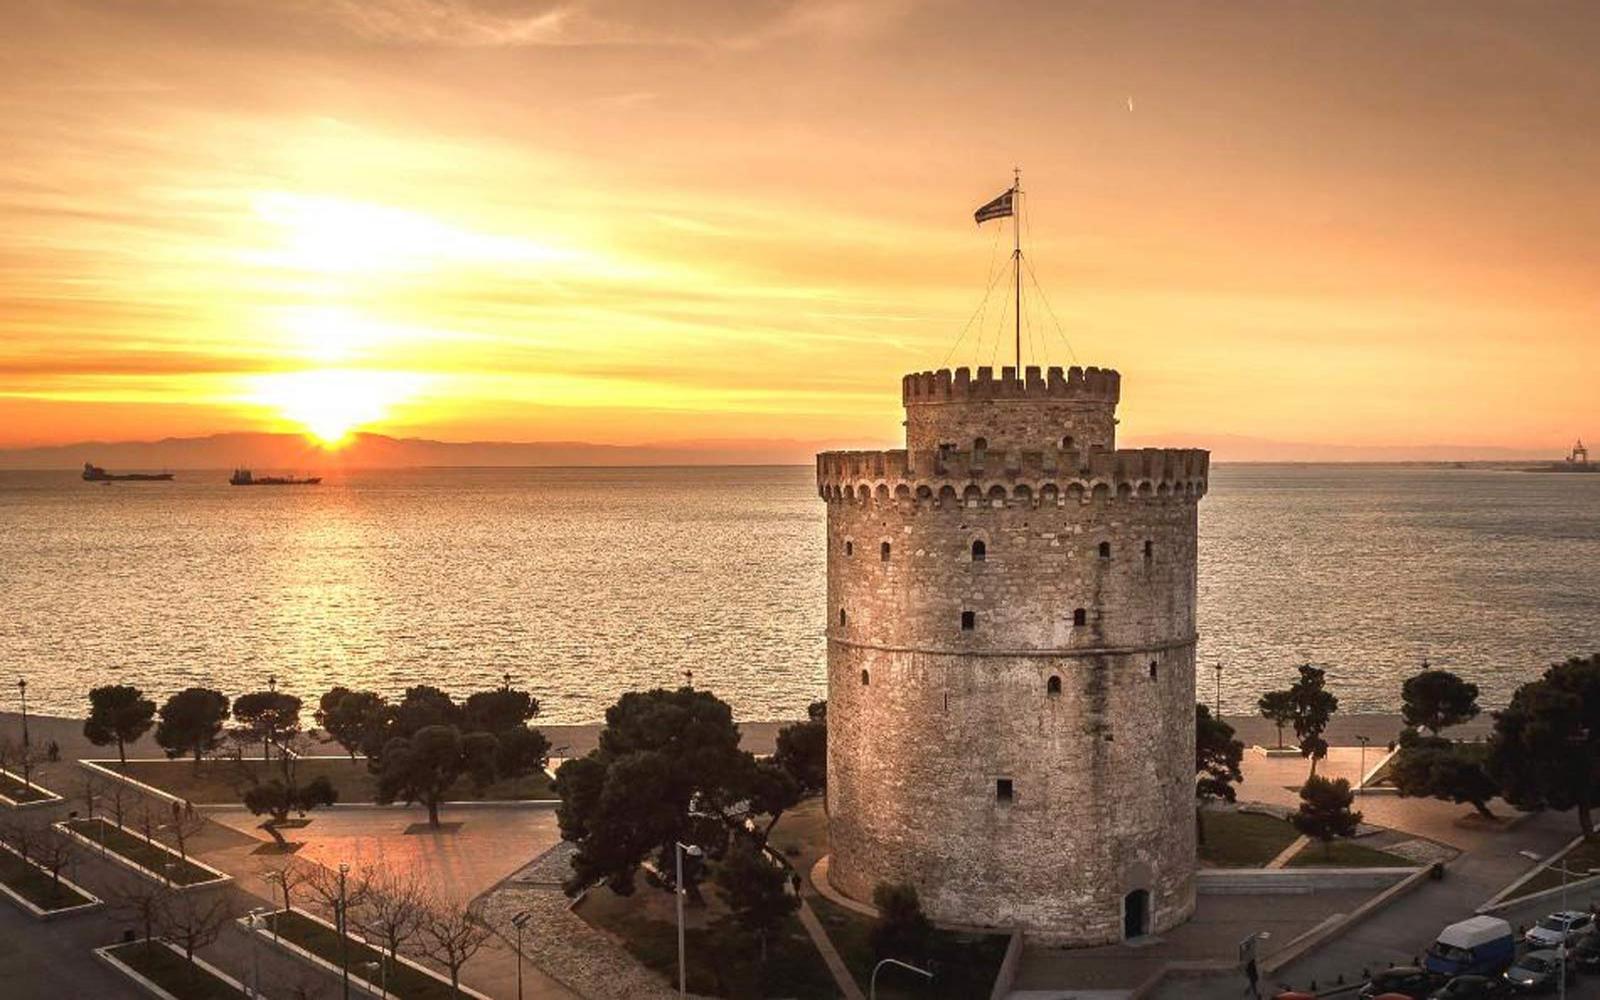 ΘΕΣΣΑΛΟΝΙΚΗ, Ξενοδοχείο Metropolitan | Θεσσαλονίκη Ξενοδοχεία | Μακεδονία |  Ελλάδα